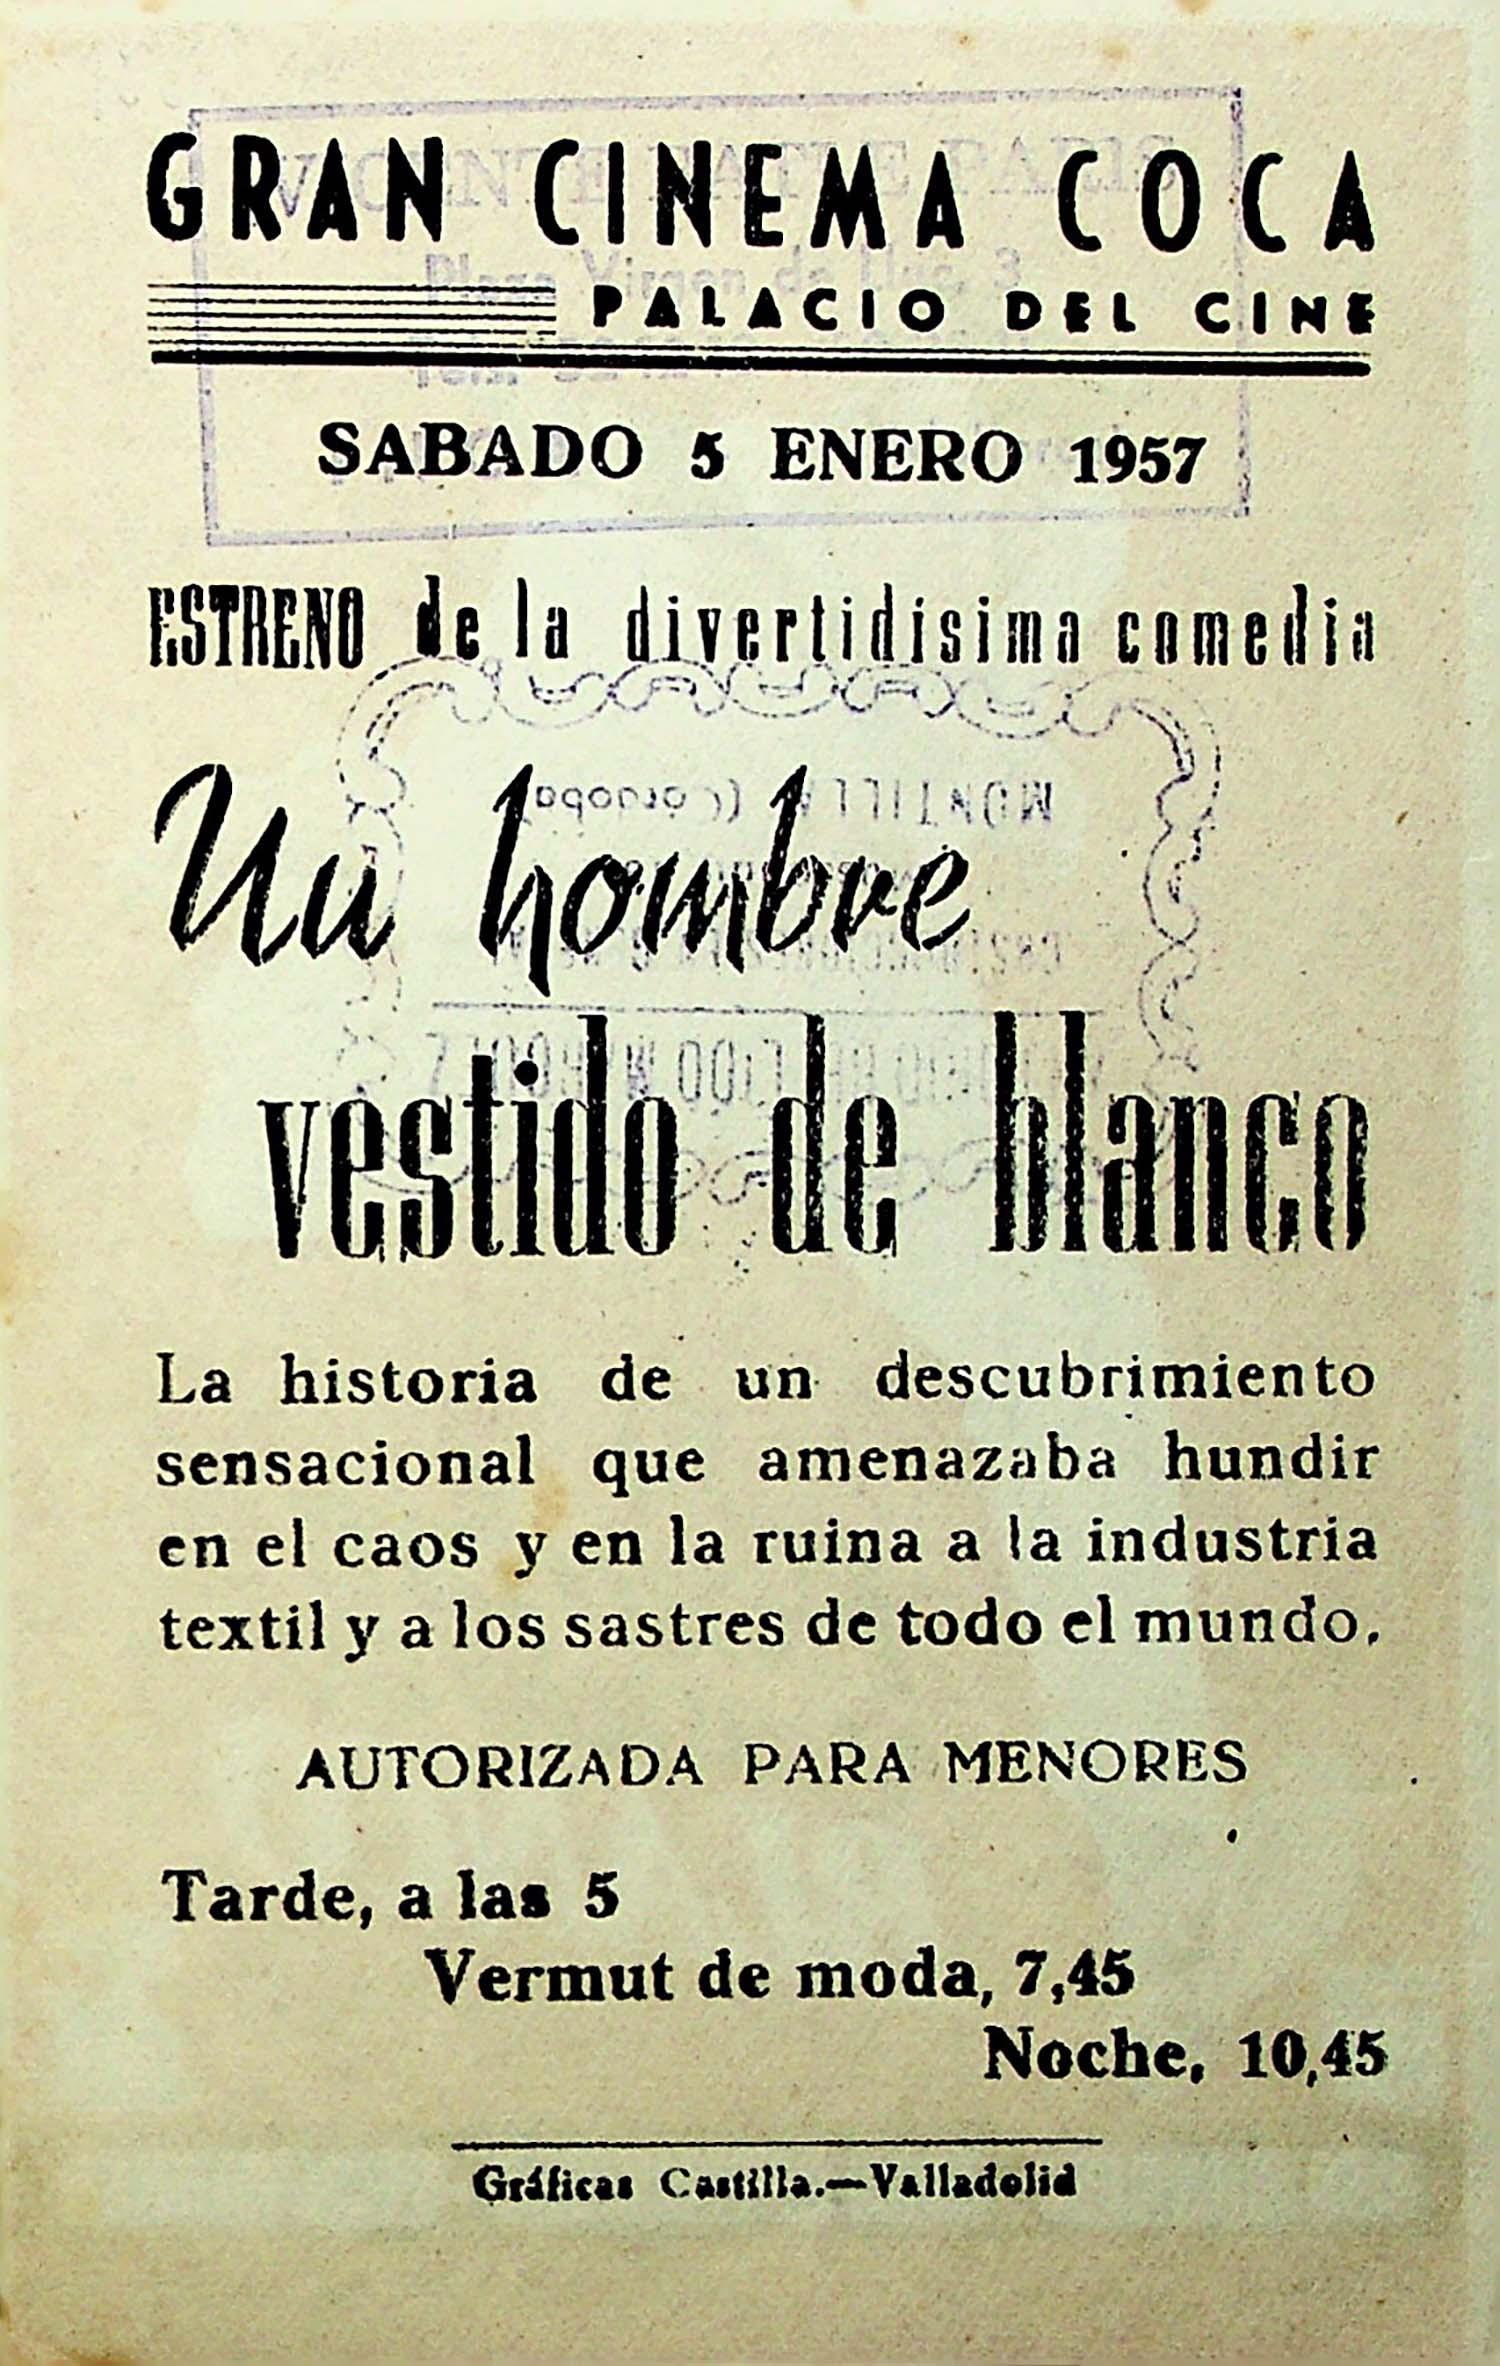 PROGRAMA DE MANO. EL HOMBRE VESTIDO DE BLANCO. Alec Guiness. CP